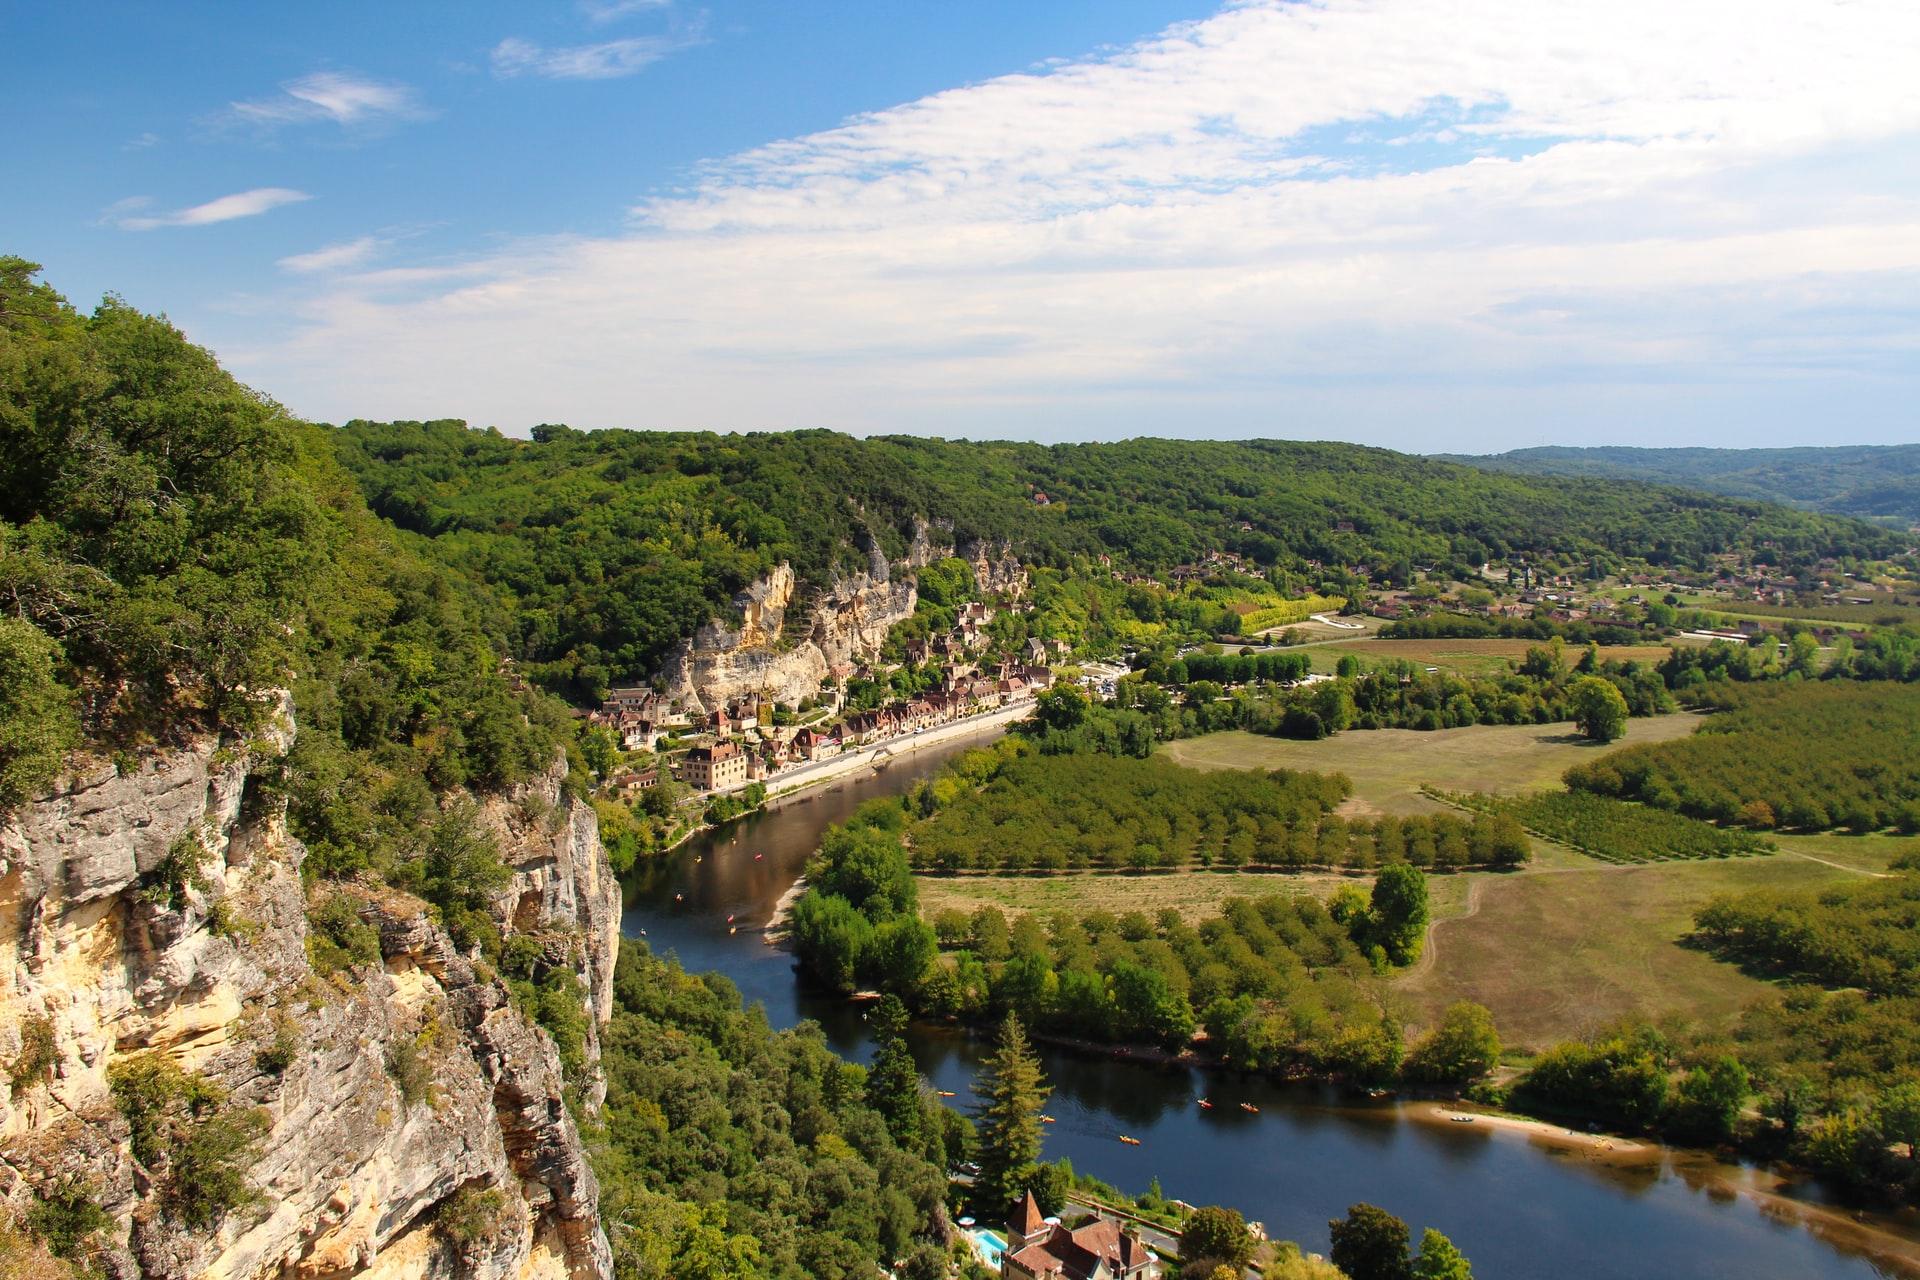 Genieten van een vakantie in de Dordogne